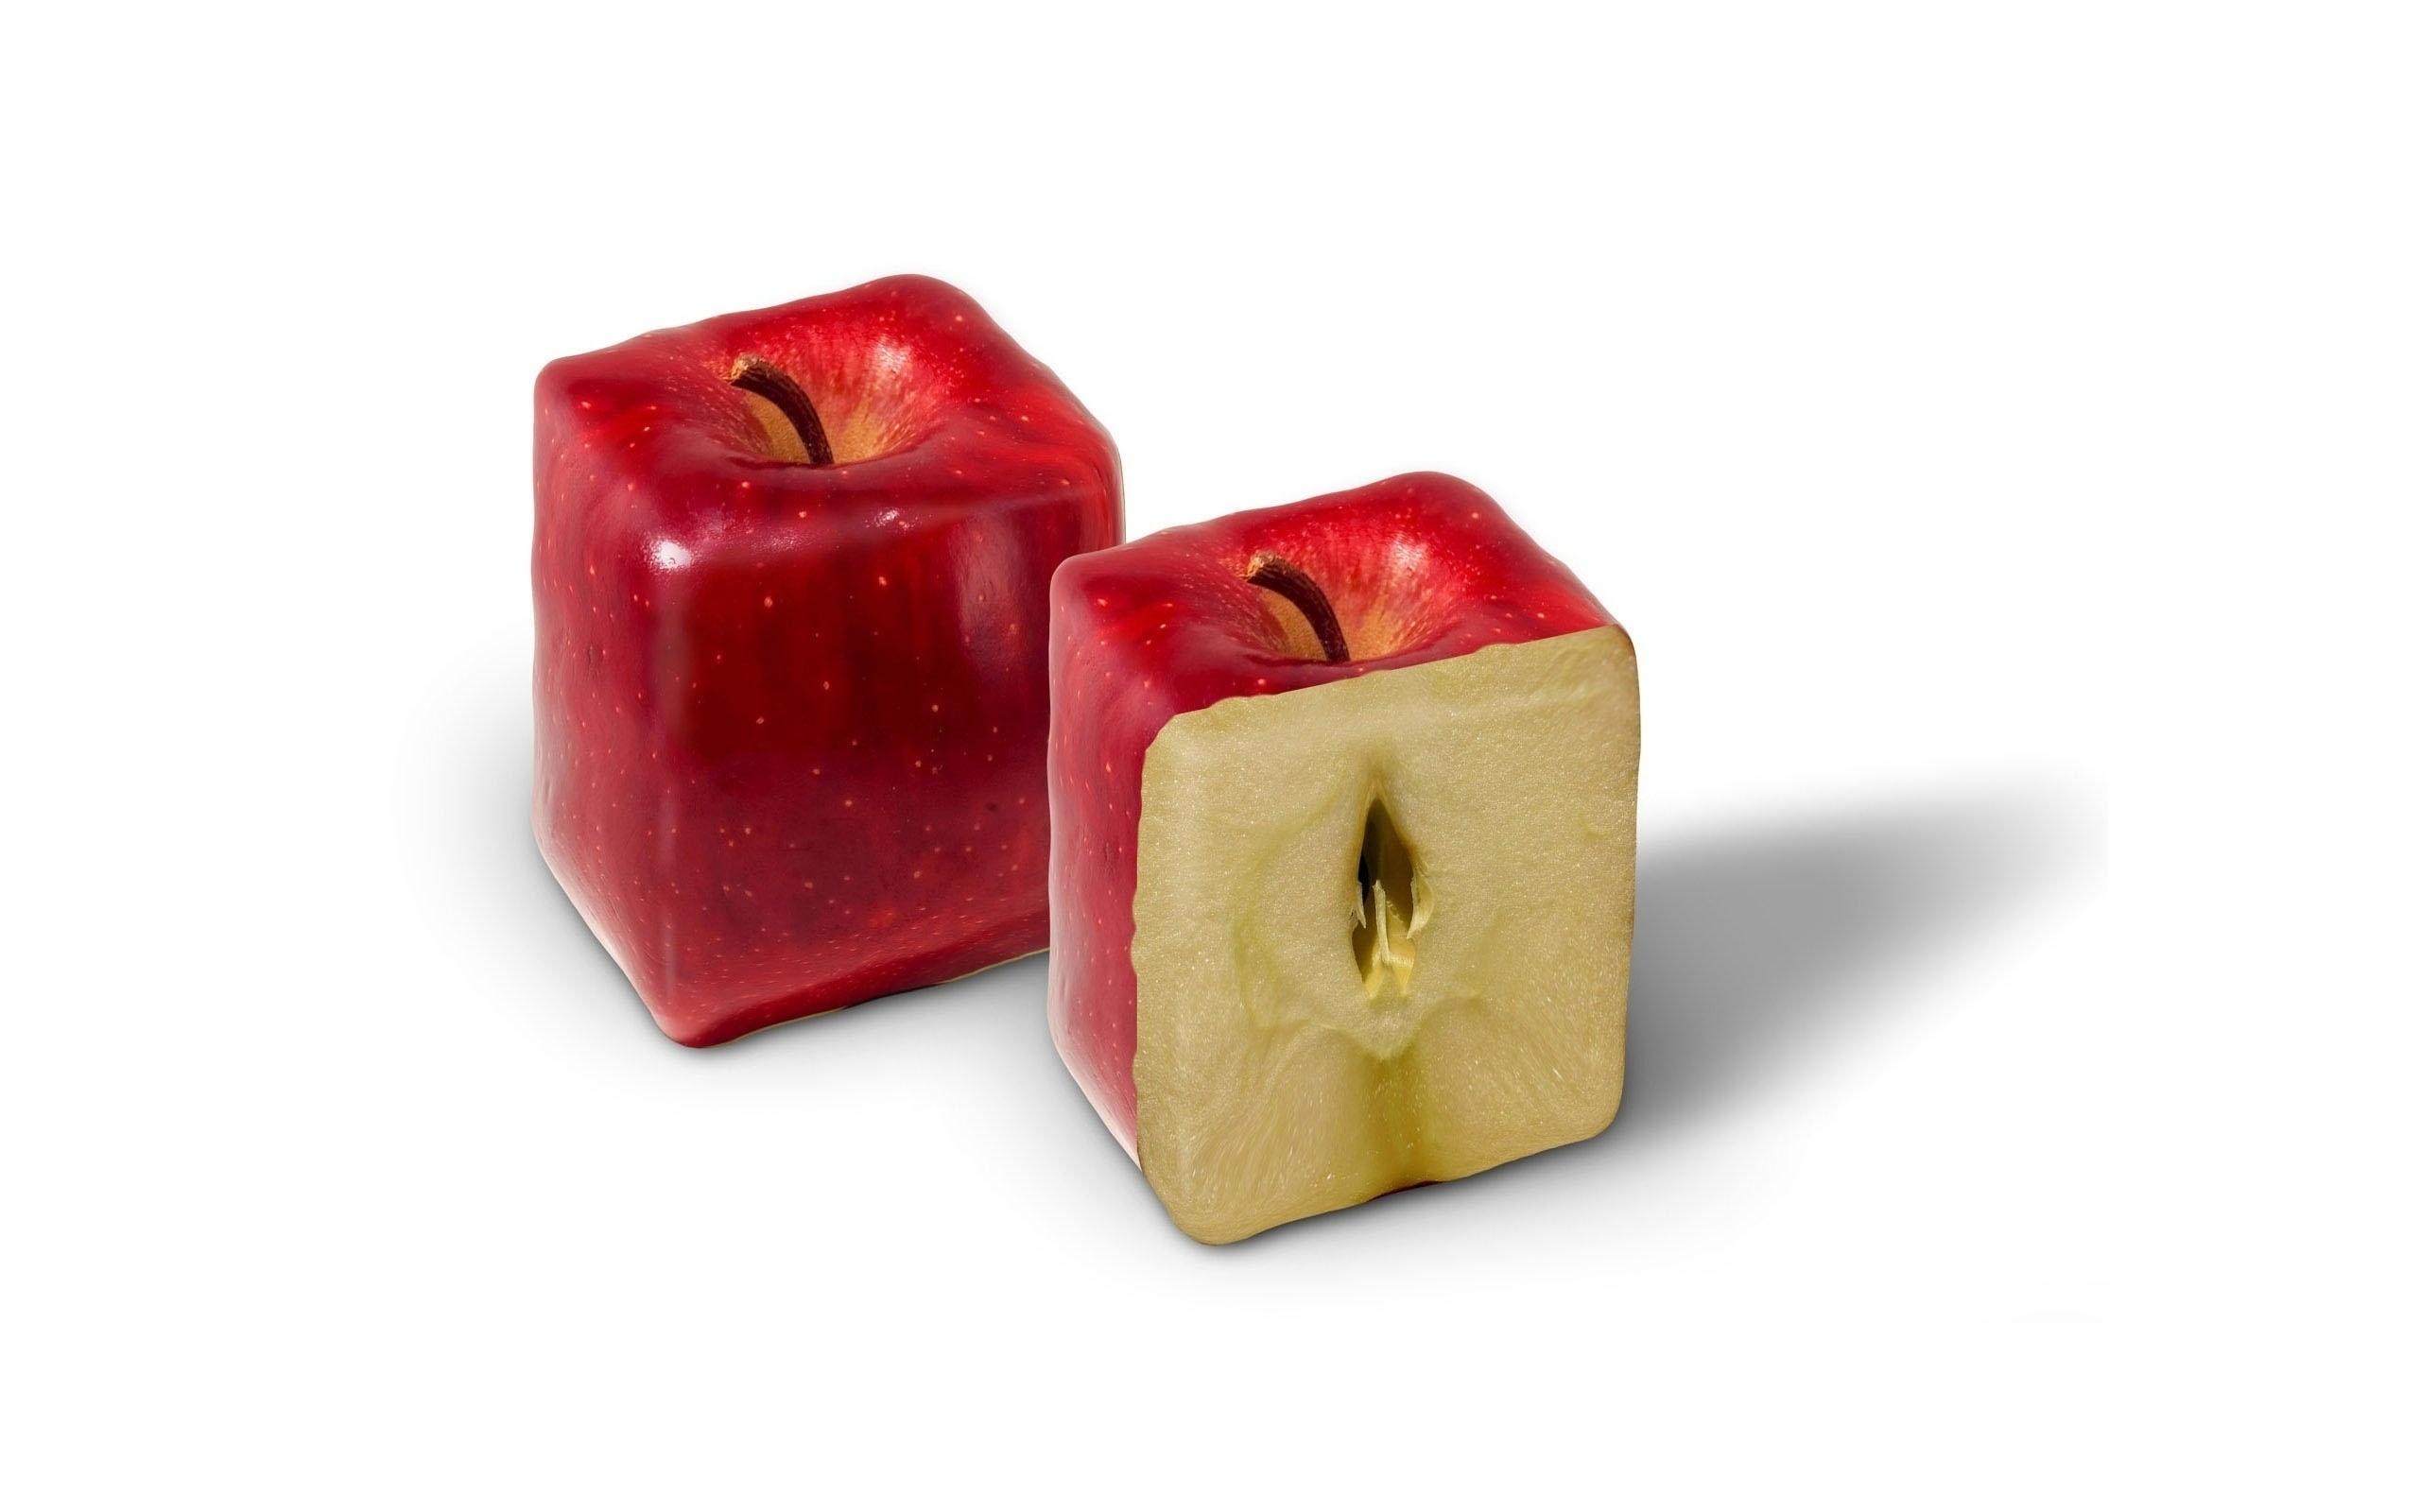 Последний, яблоки смешная картинка